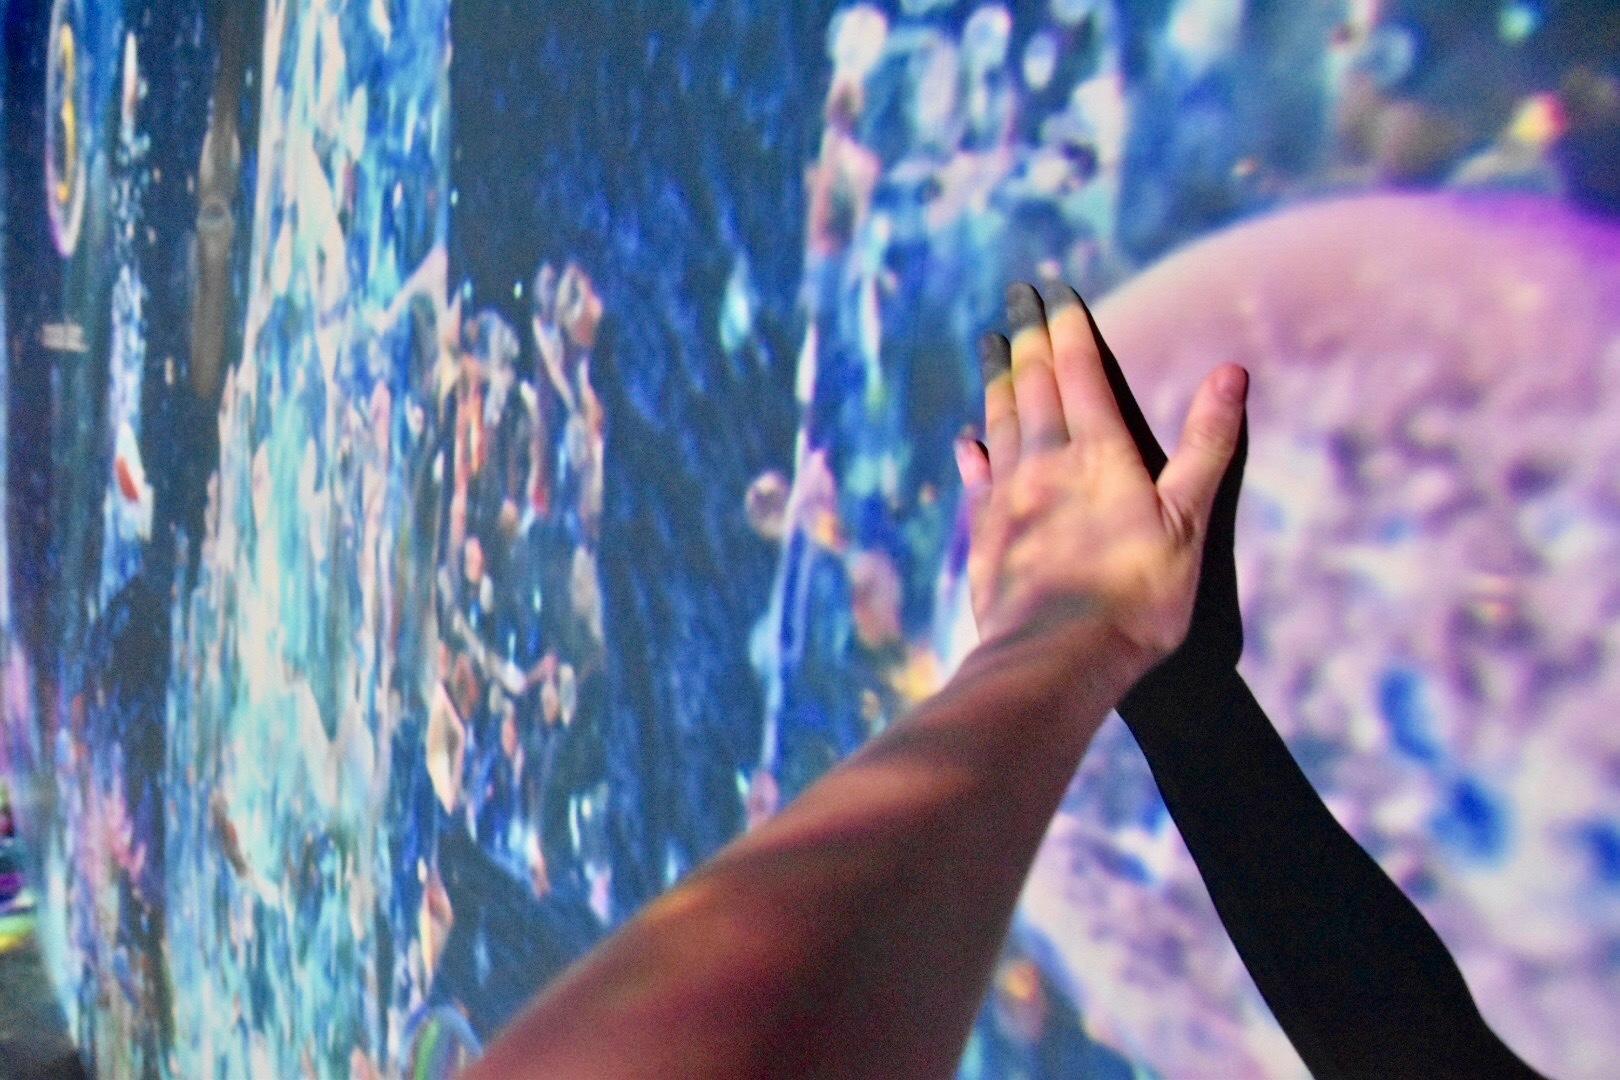 横壁面の泡に触れると、海の生物が生まれる